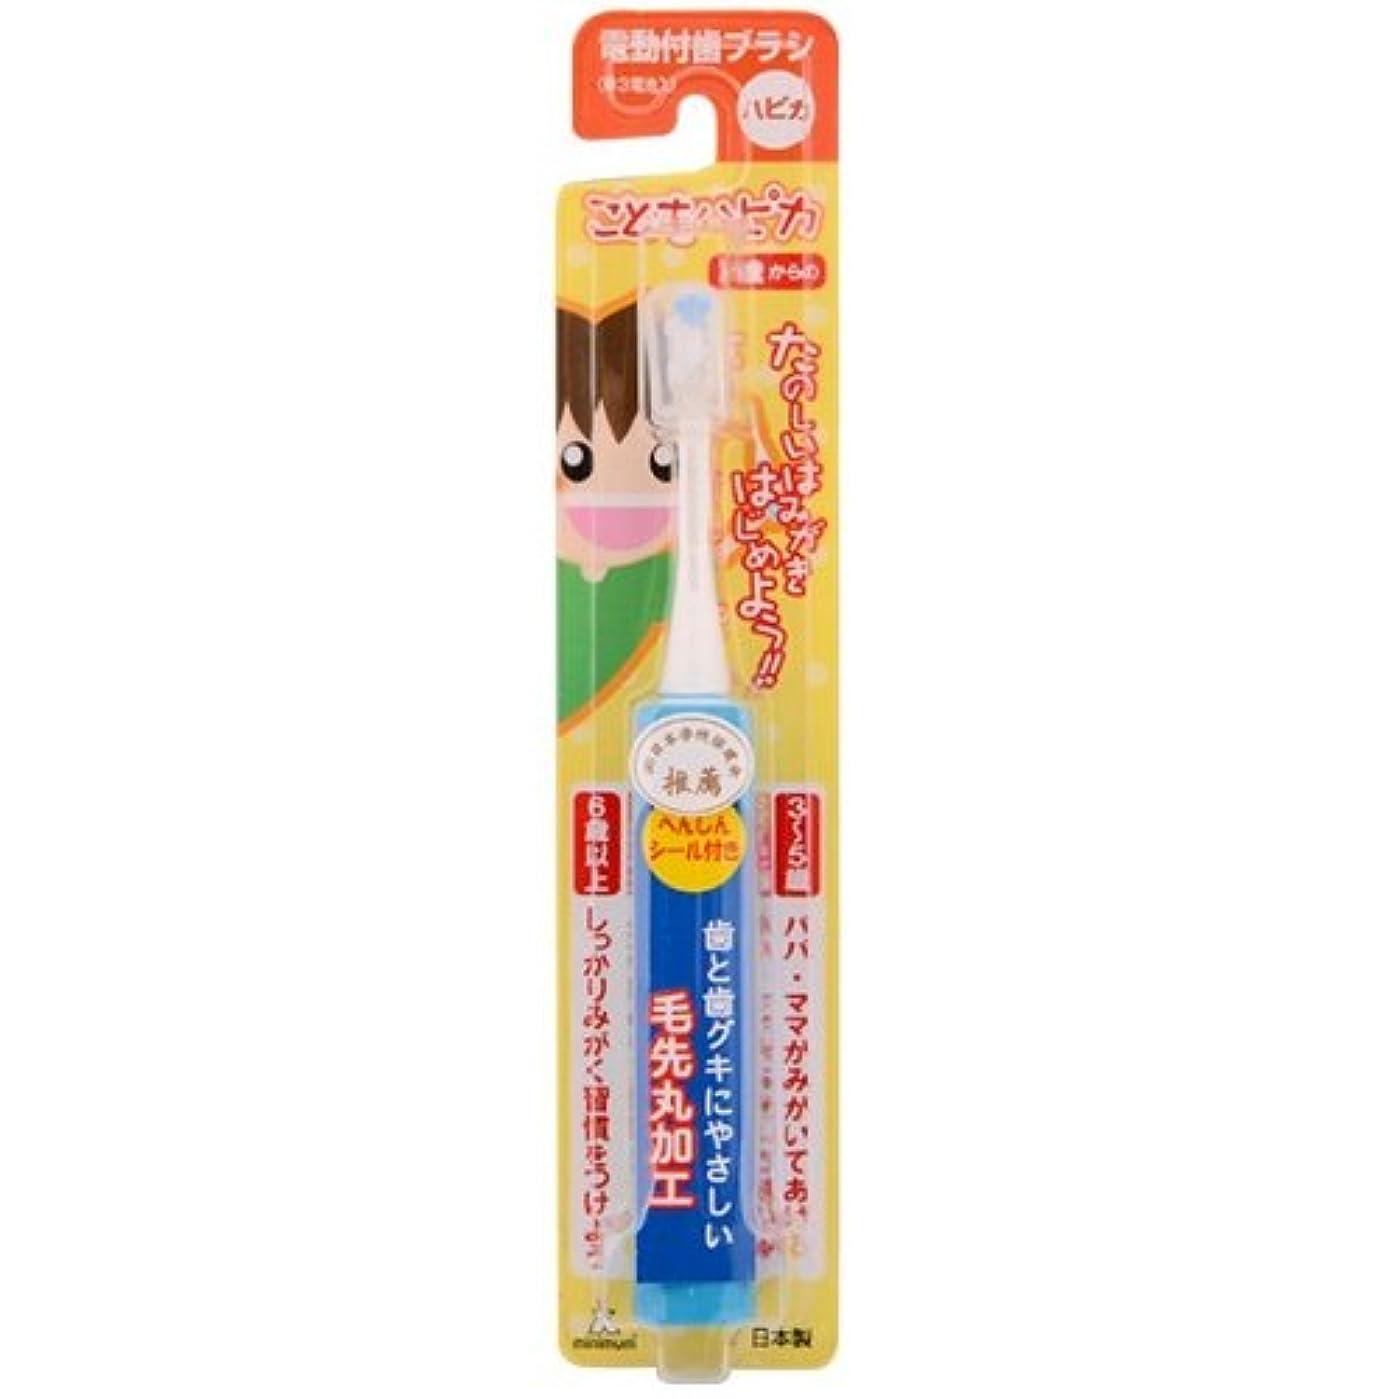 見分ける家庭教師樹皮ミニマム 電動付歯ブラシ こどもハピカ ブルー 毛の硬さ:やわらかめ DBK-1B(BP)